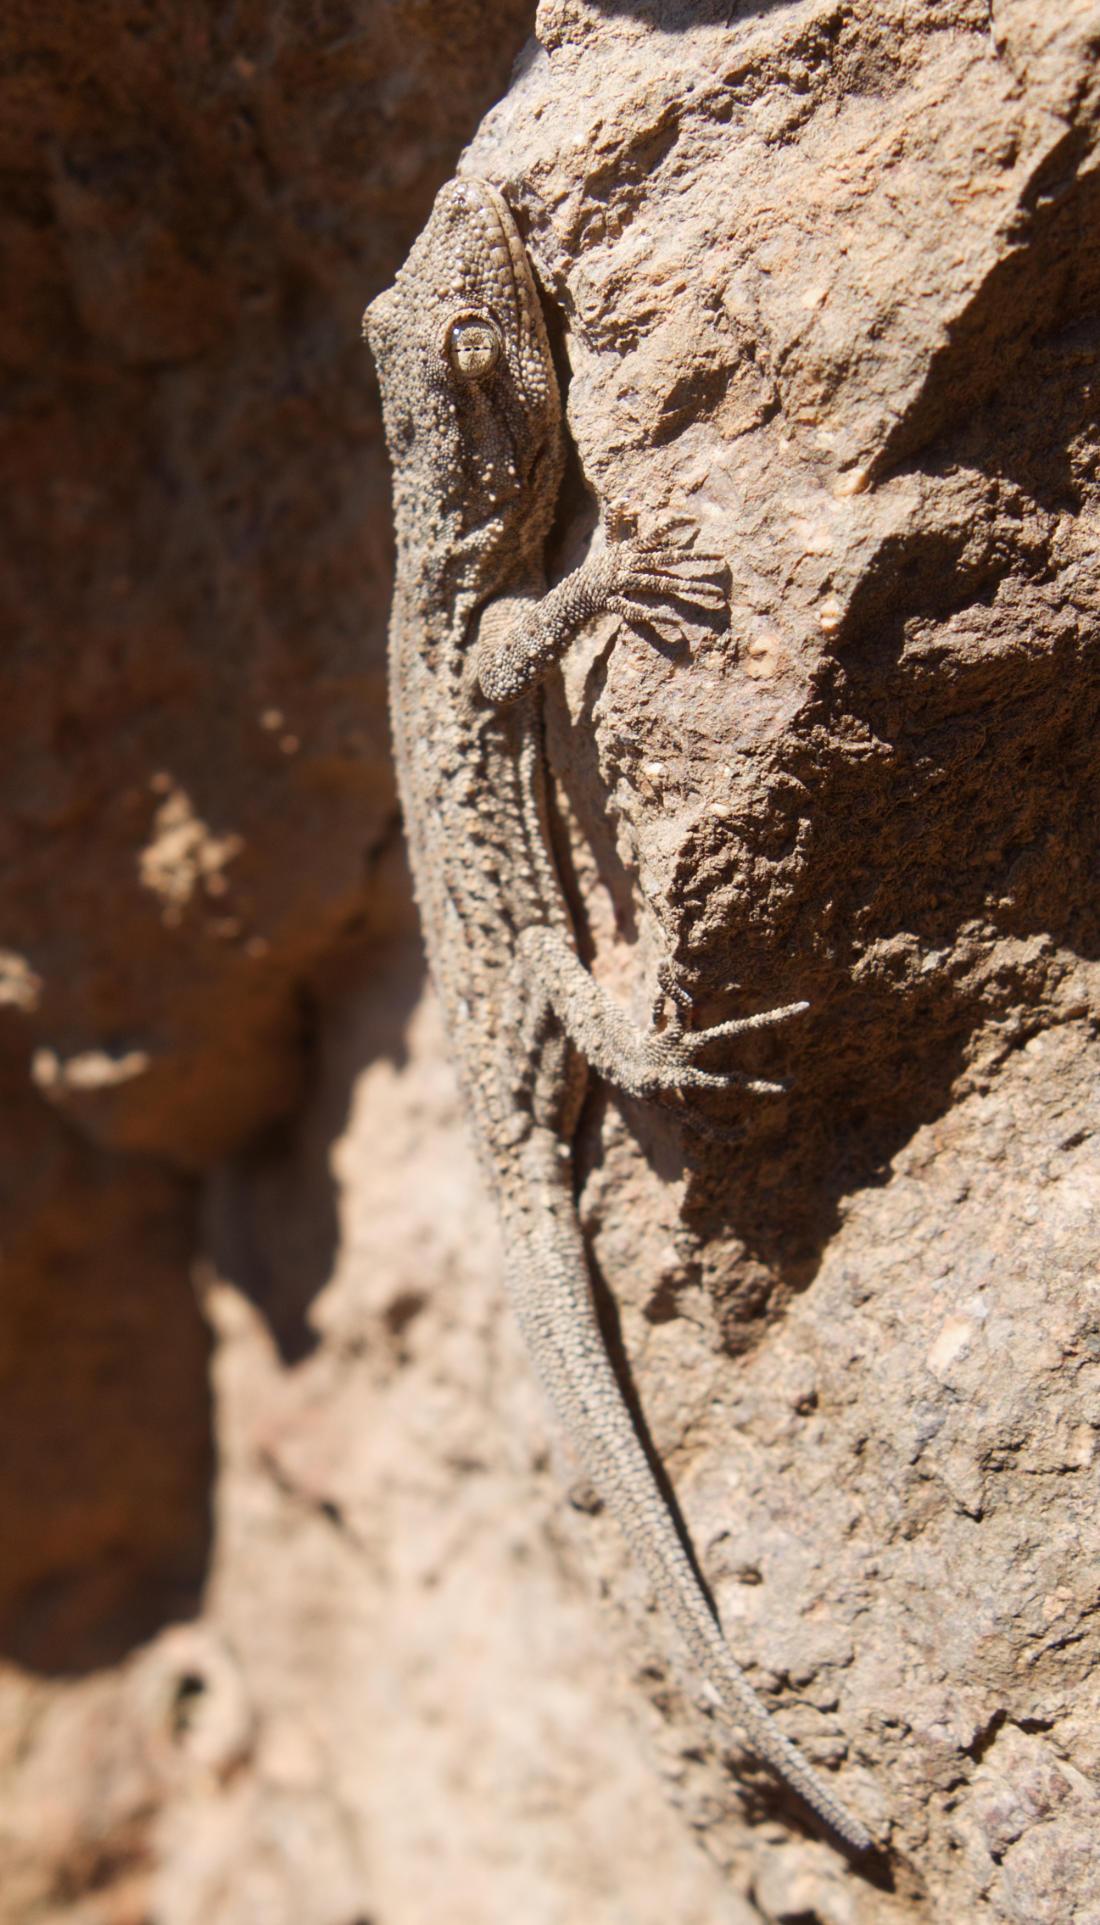 Серый геккон под Висячим камнем